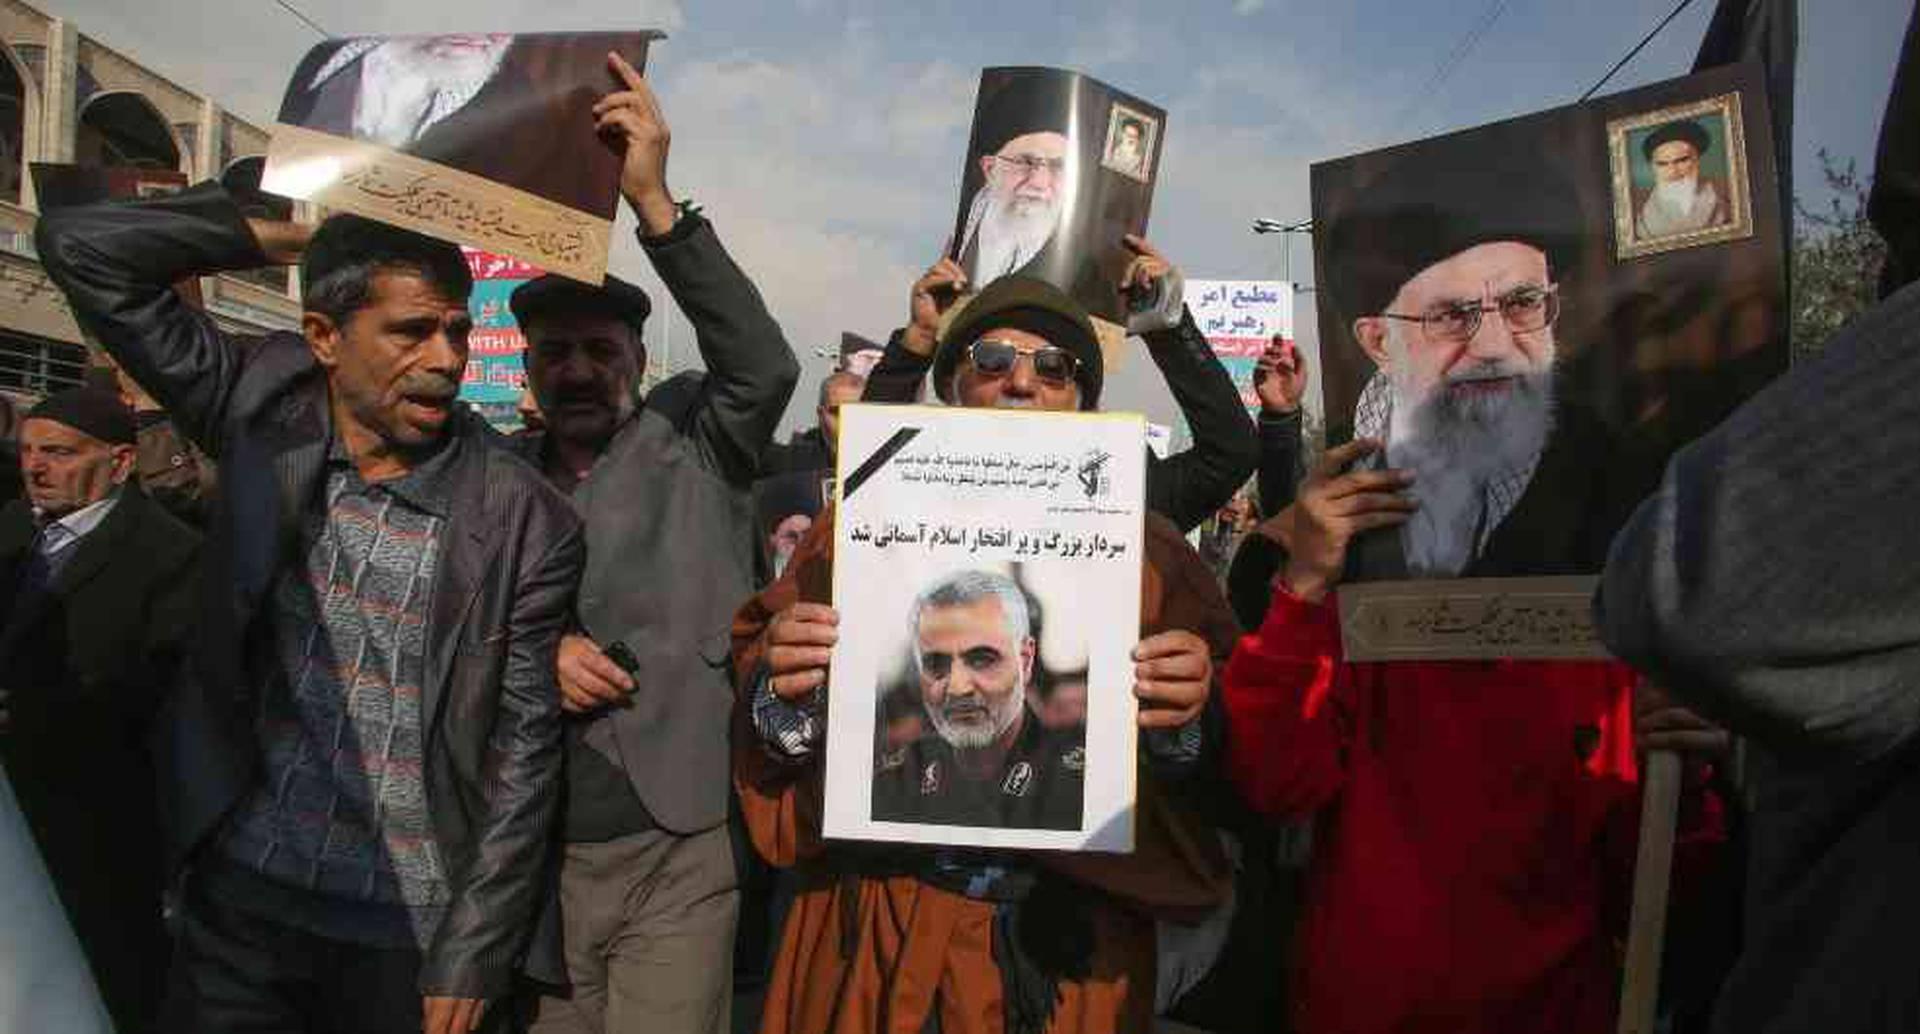 Los iraníes sostienen carteles del líder supremo de Irán, el ayatolá Ali Khamenai (antecedentes) y el comandante asesinado Qasem Soleimani durante una manifestación en la capital Teherán.